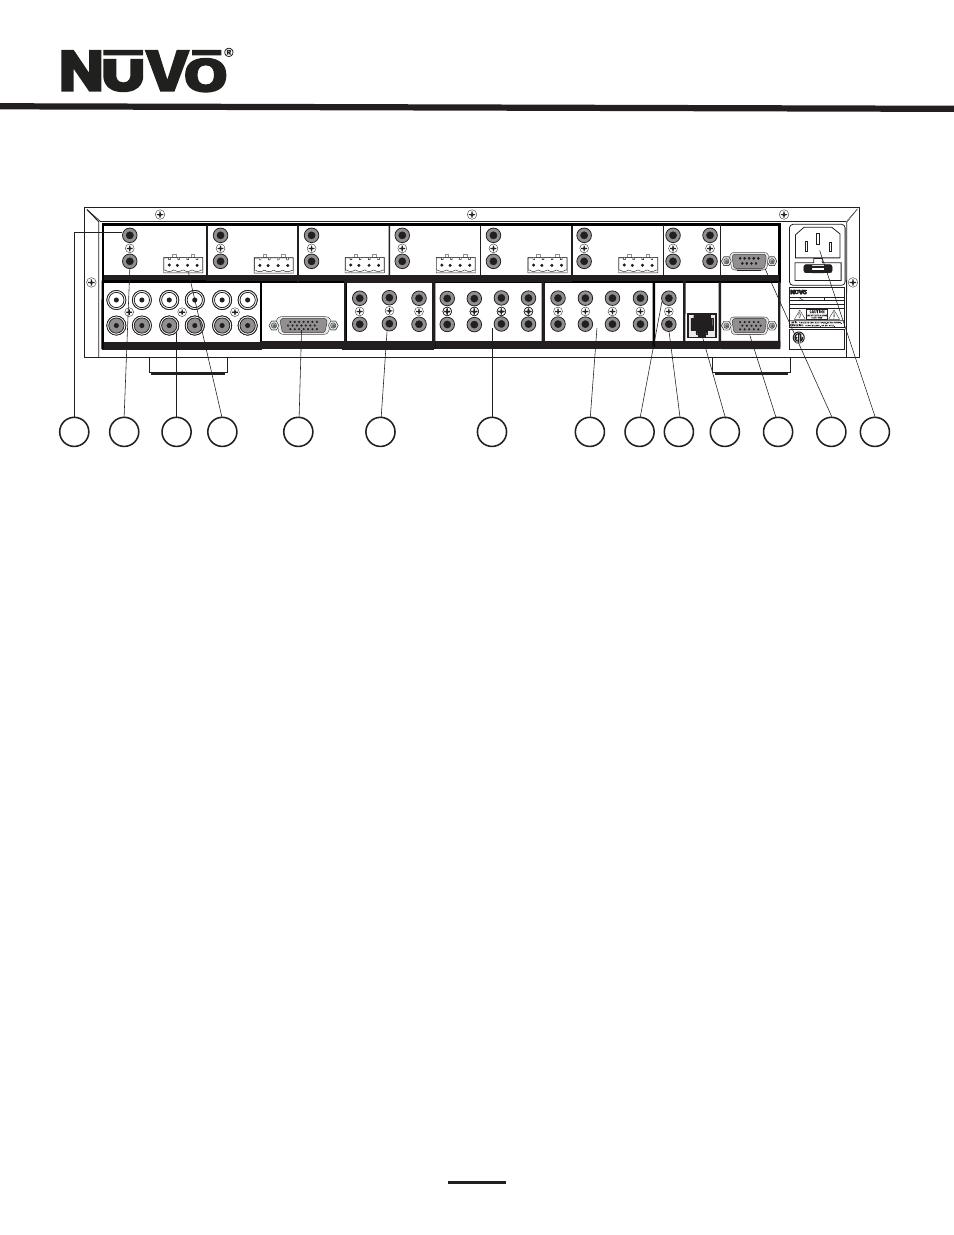 grand concerto back panel nuvo essentia nv e6gxs user manual rh manualsdir com nuvo grand concerto user manual Nuvo Grand Concerto Software